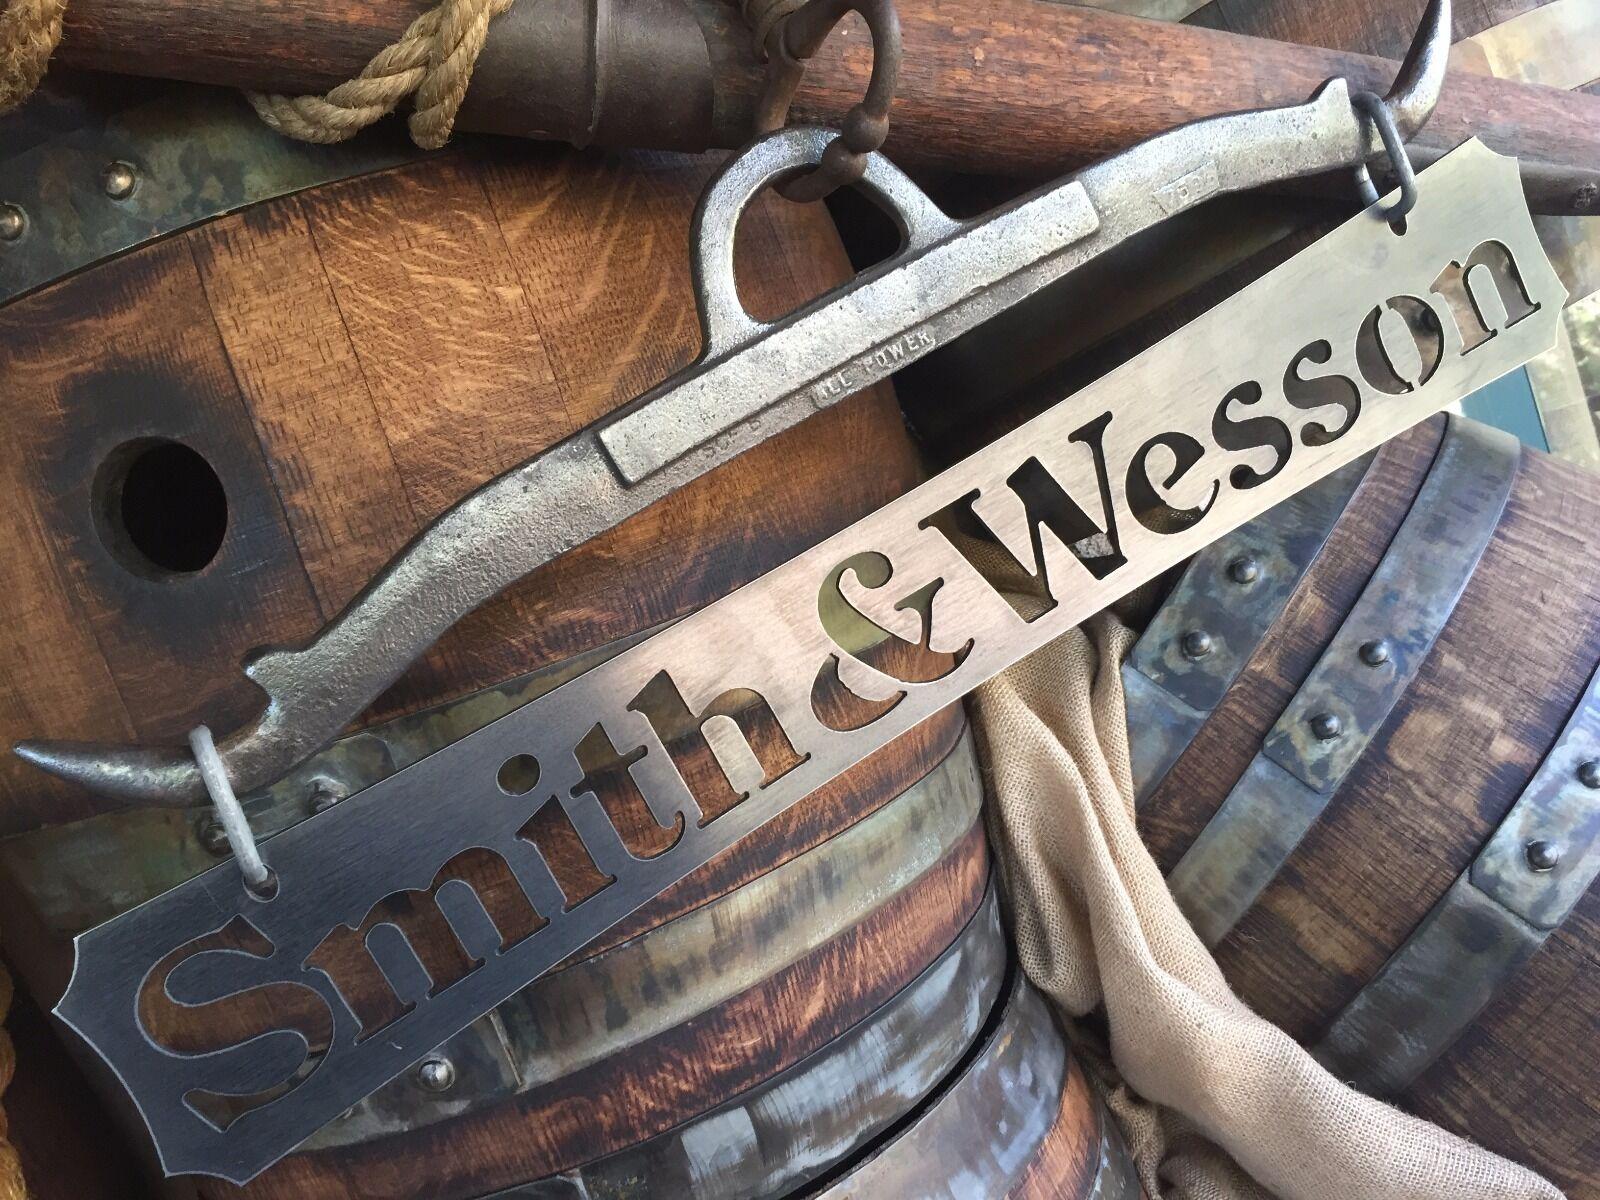 Pistola de metal de hierro Wesson SIGN parojo arte Smith placa Hunter Cabaña Rustica Vintage